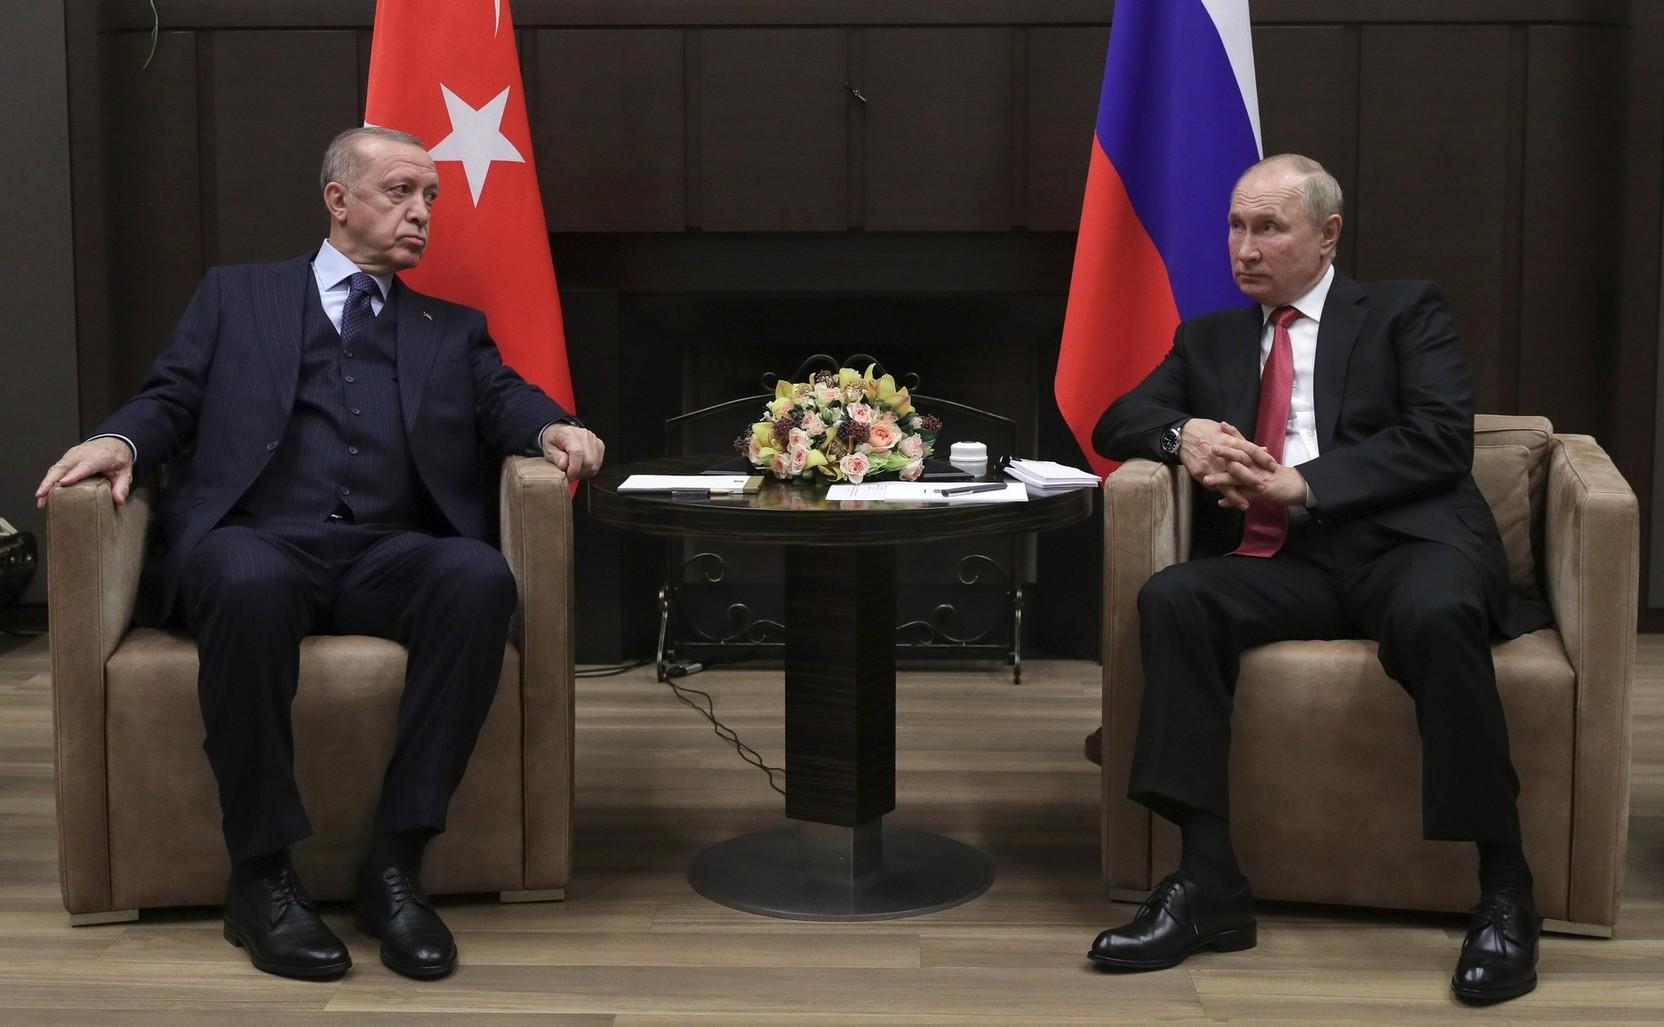 Эрдоган оценил переговоры с Путиным